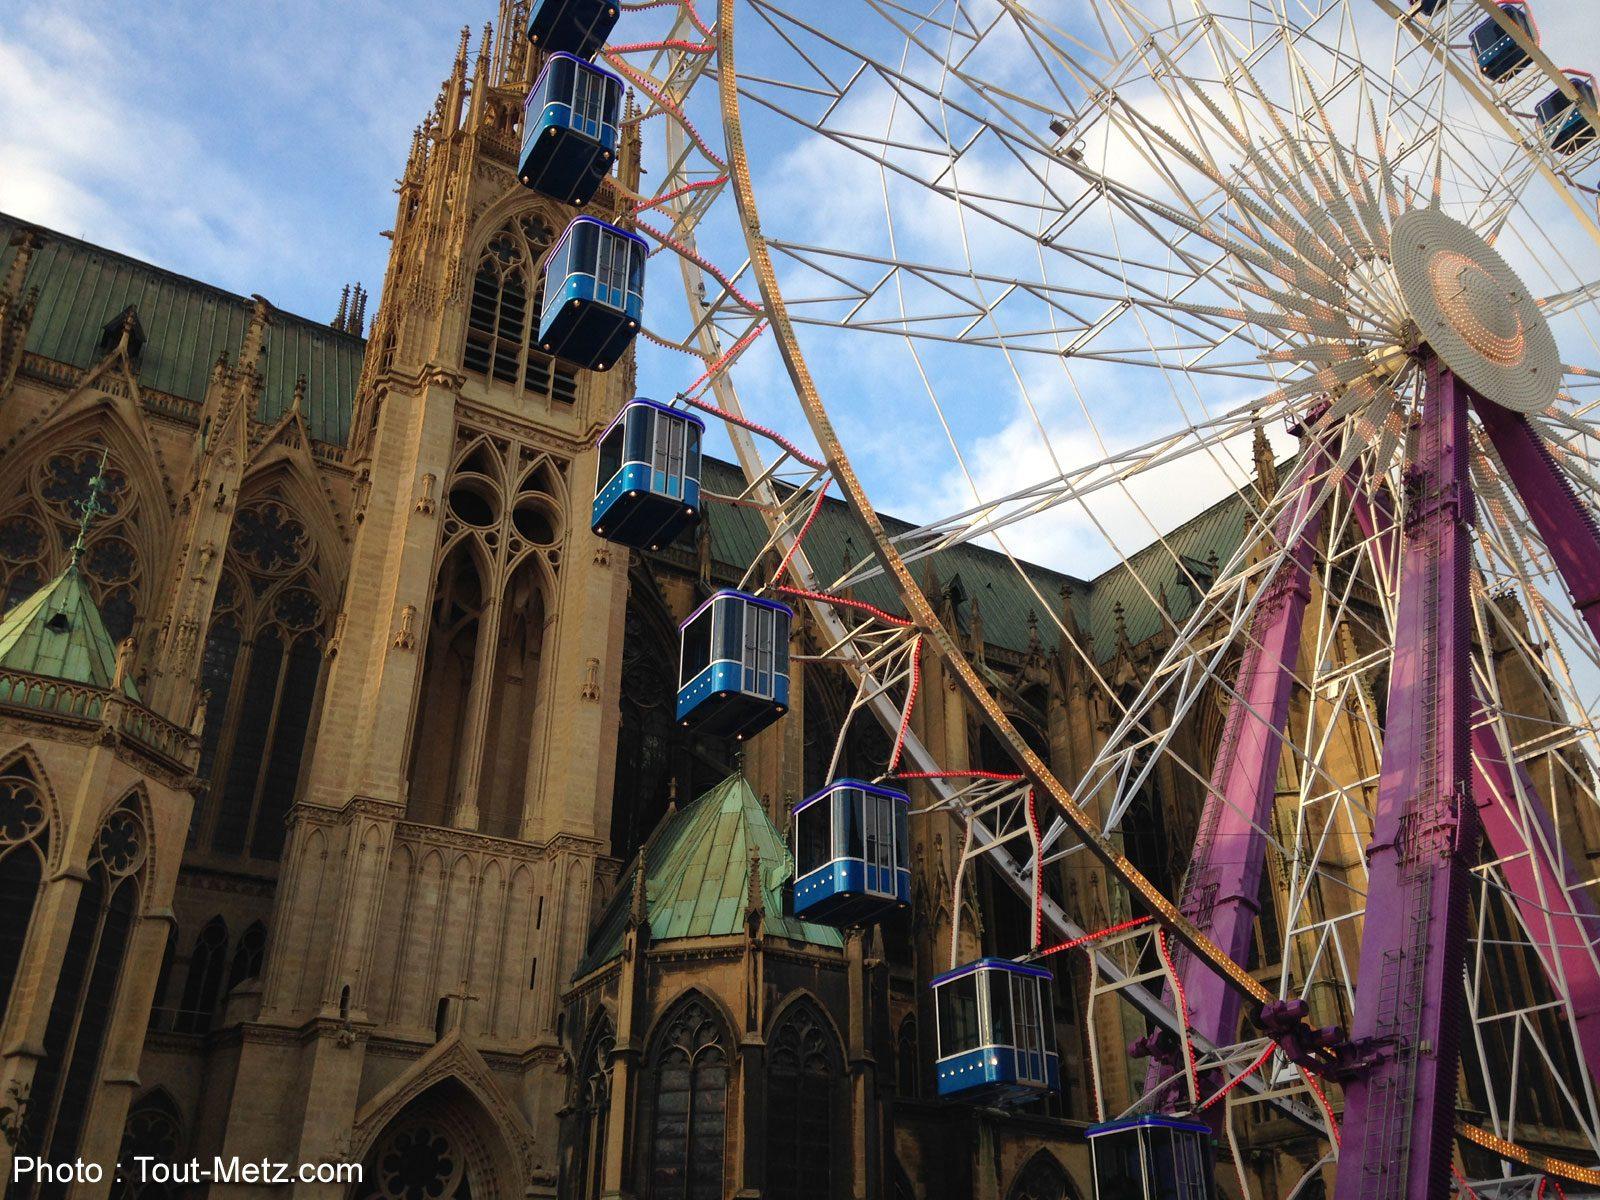 Marchés de Noël 2016 à Metz : programme et informations pratiques